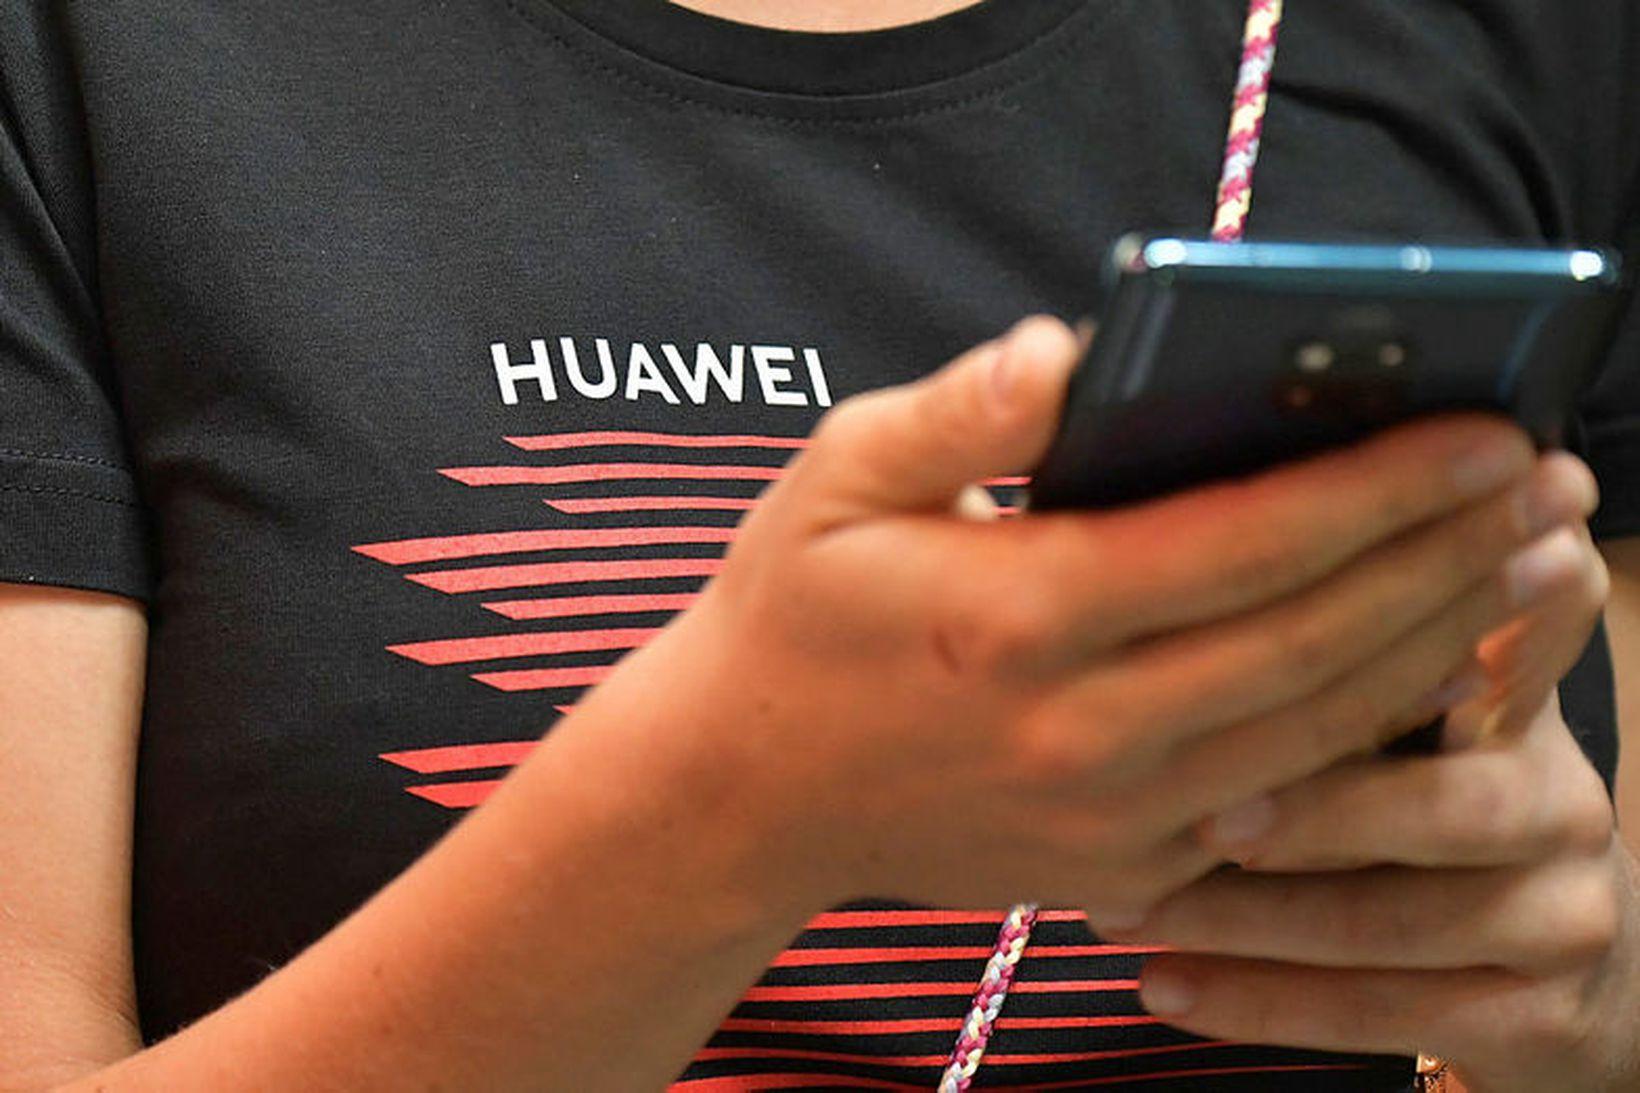 Huawei er orðið eitt stærsta fyrirtæki heims á snjallsímamarkaði.